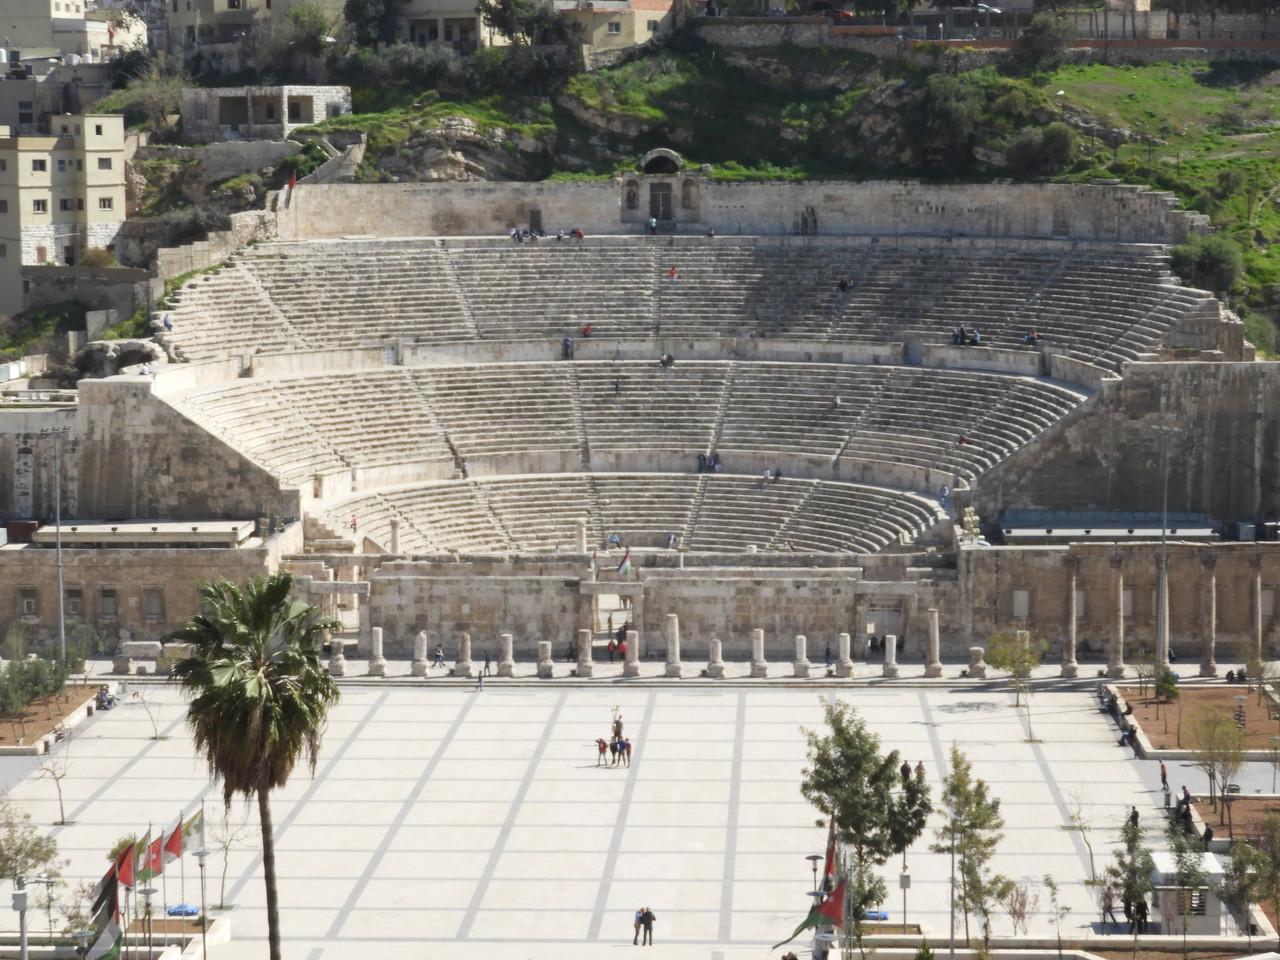 Roman Amphitheater, Amman , Jordan